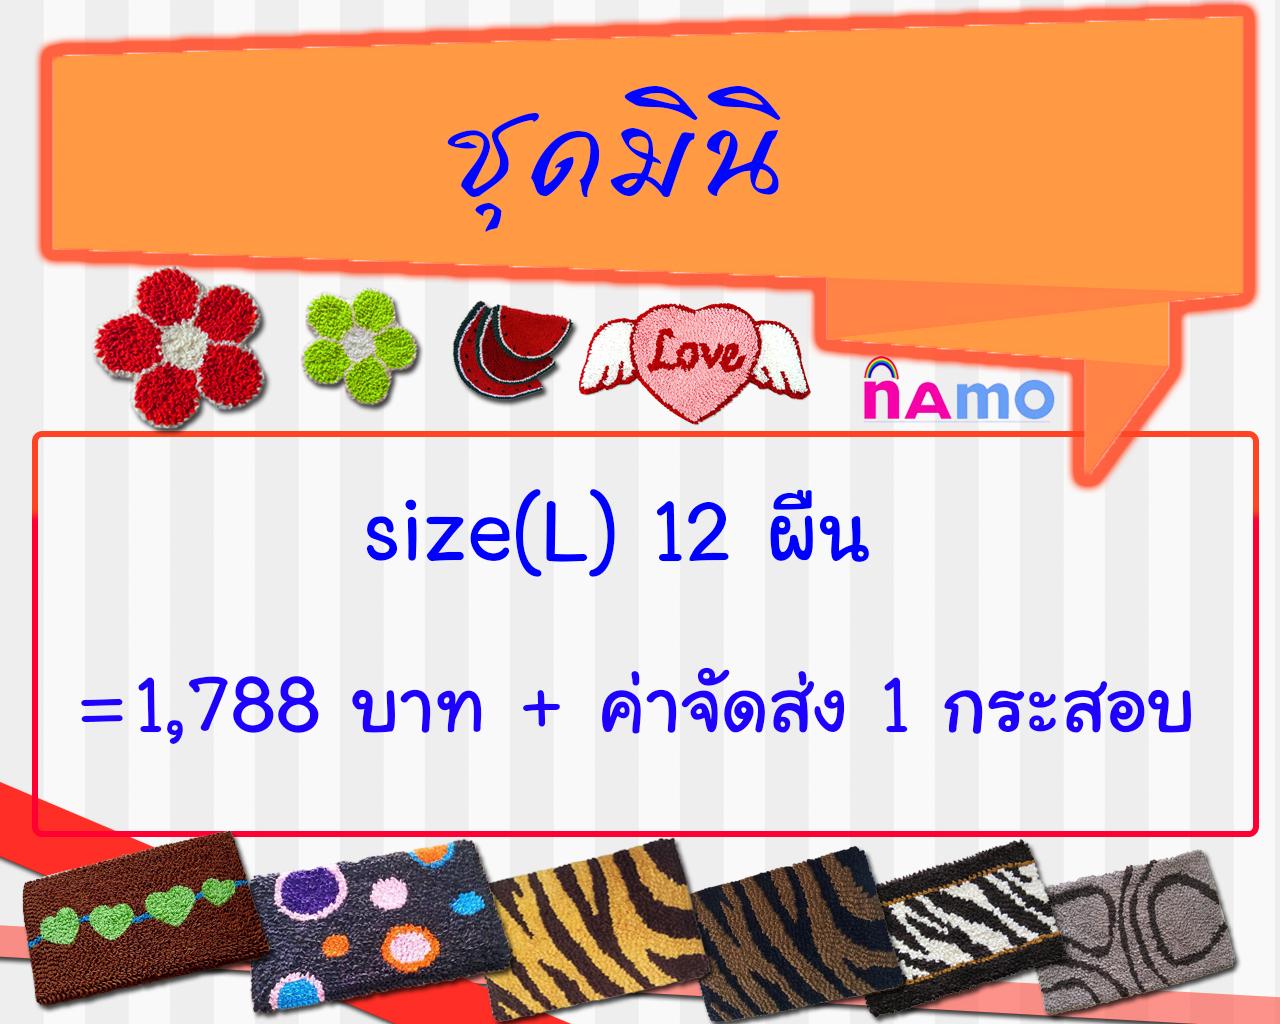 ชุดมินิ (1,788 ++)